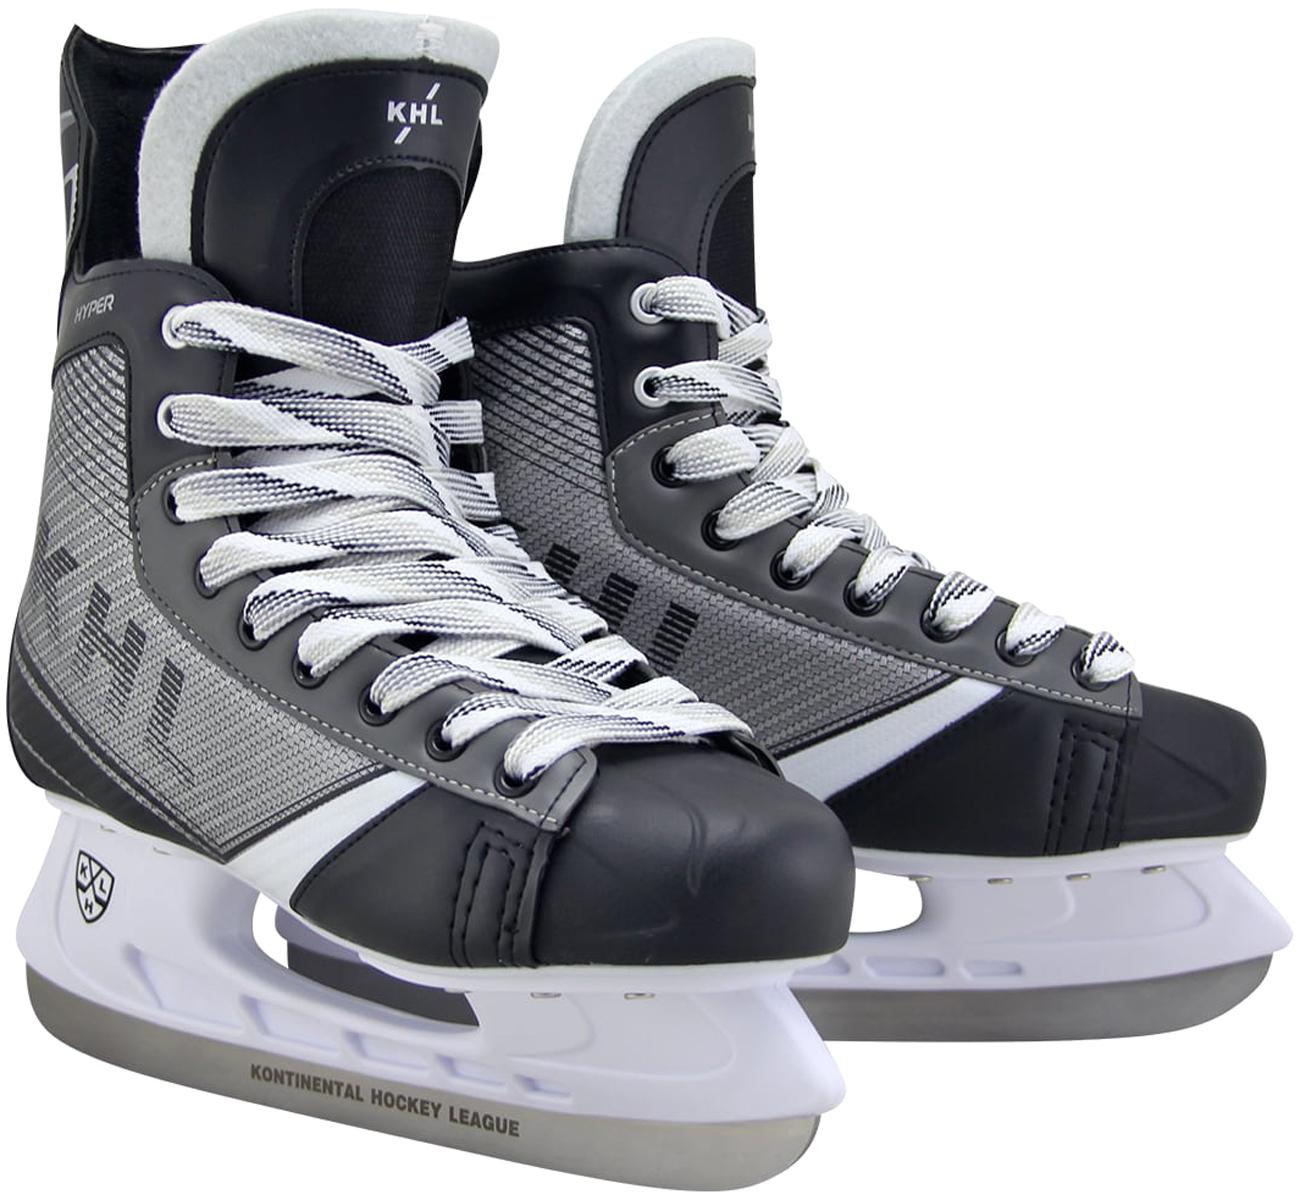 Коньки хоккейные мужские KHL Hyper, цвет: серый, черный, белый. Размер 43УТ-00010445Хоккейные коньки KHL Hyper являются официальной лицензионной продукцией Континентальной Хоккейной Лиги (КХЛ). Это прекрасная любительская модель коньков с уникальным стильным ассиметричным дизайном, выполненным в новой стилистической концепции КХЛ. Модель выполнена из износостойких материалов, устойчивых к порезам. Усиленная жесткость ботинка для более уверенного катания. Дополнительные вставки из EVA и MEMORY foam обеспечат комфорт. Лезвие выполнено из высокоуглеродистой стали с покрытием из никеля. Шнуровка надежно зафиксирует модель на ноге.Коньки подходят для использования на открытом и закрытом льду.